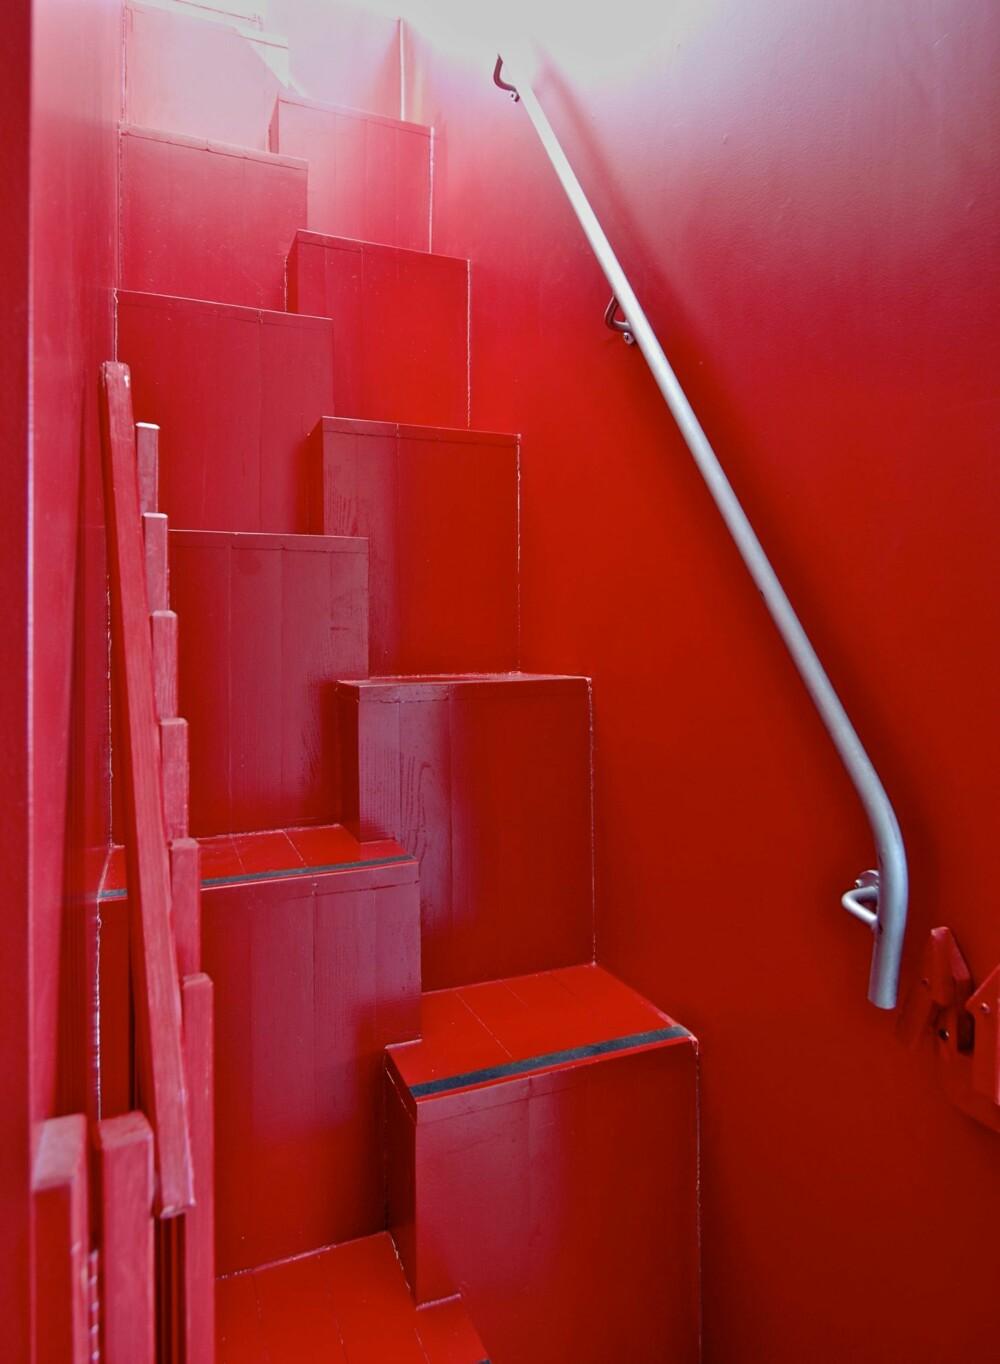 FULL FART: Rødt stimulerer til fysisk aktivitet og kan passe i en trappegang. For mange signaliserer fargen kjærlighet, men uttrykket red-light-district er også en assosiasjon, områdene der sex selges og kjøpes. Leger har oppdaget at epileptikere oftere får anfall når de har på seg røde klær.